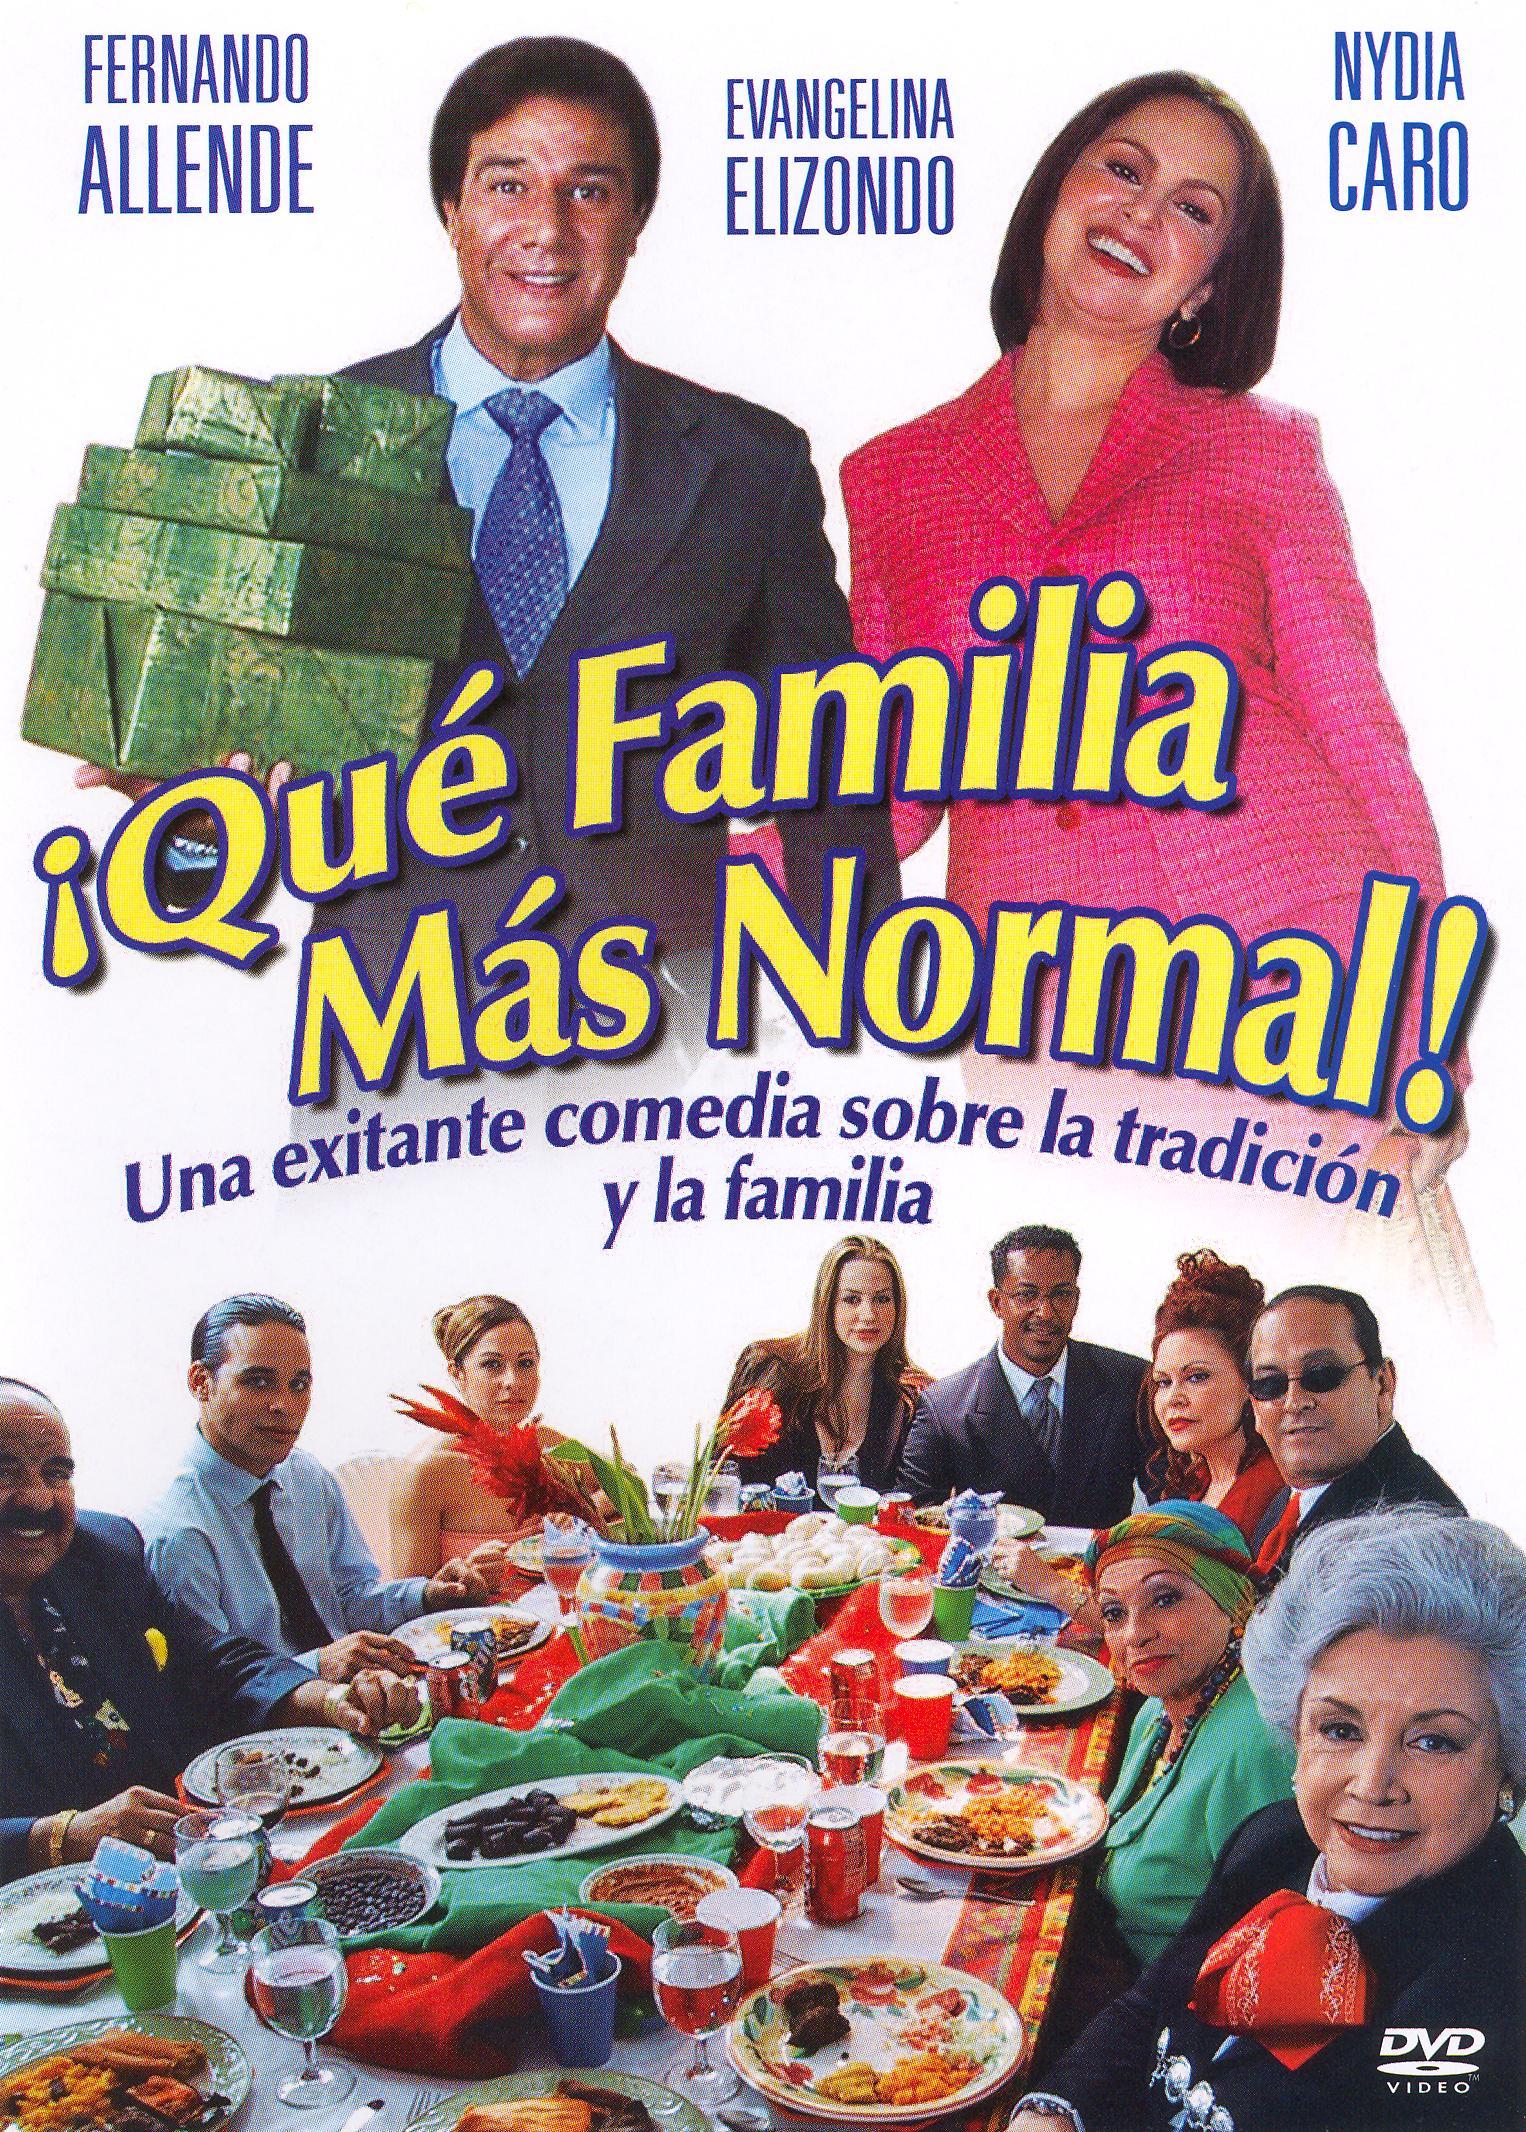 ¡Qué Familia Más Normal!